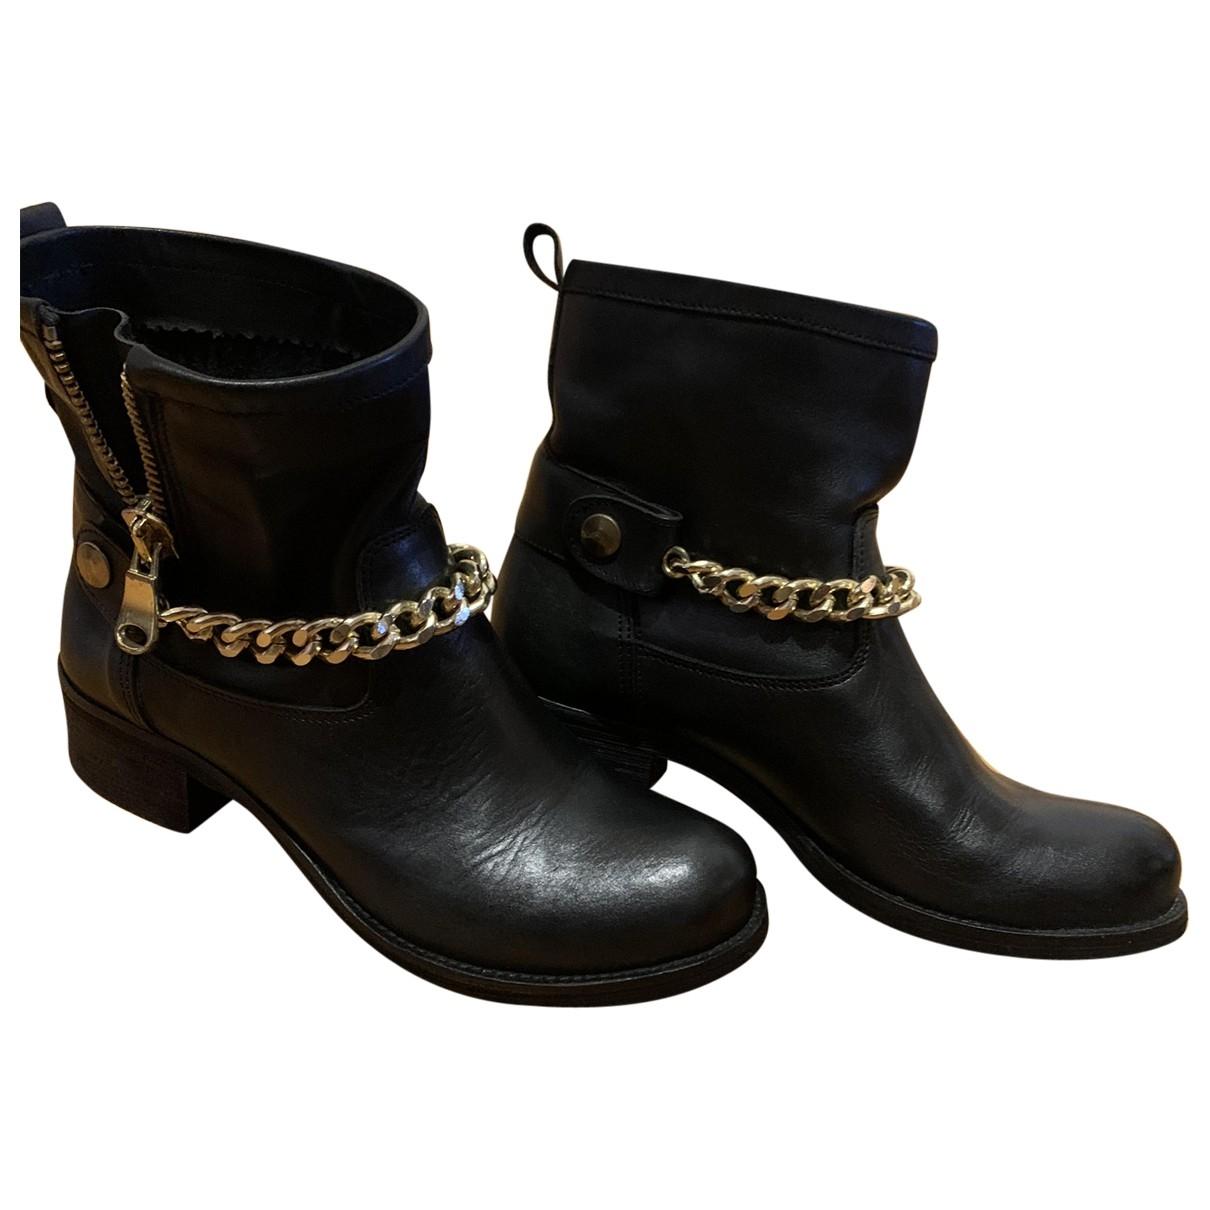 Botas moteras de Cuero Ovye